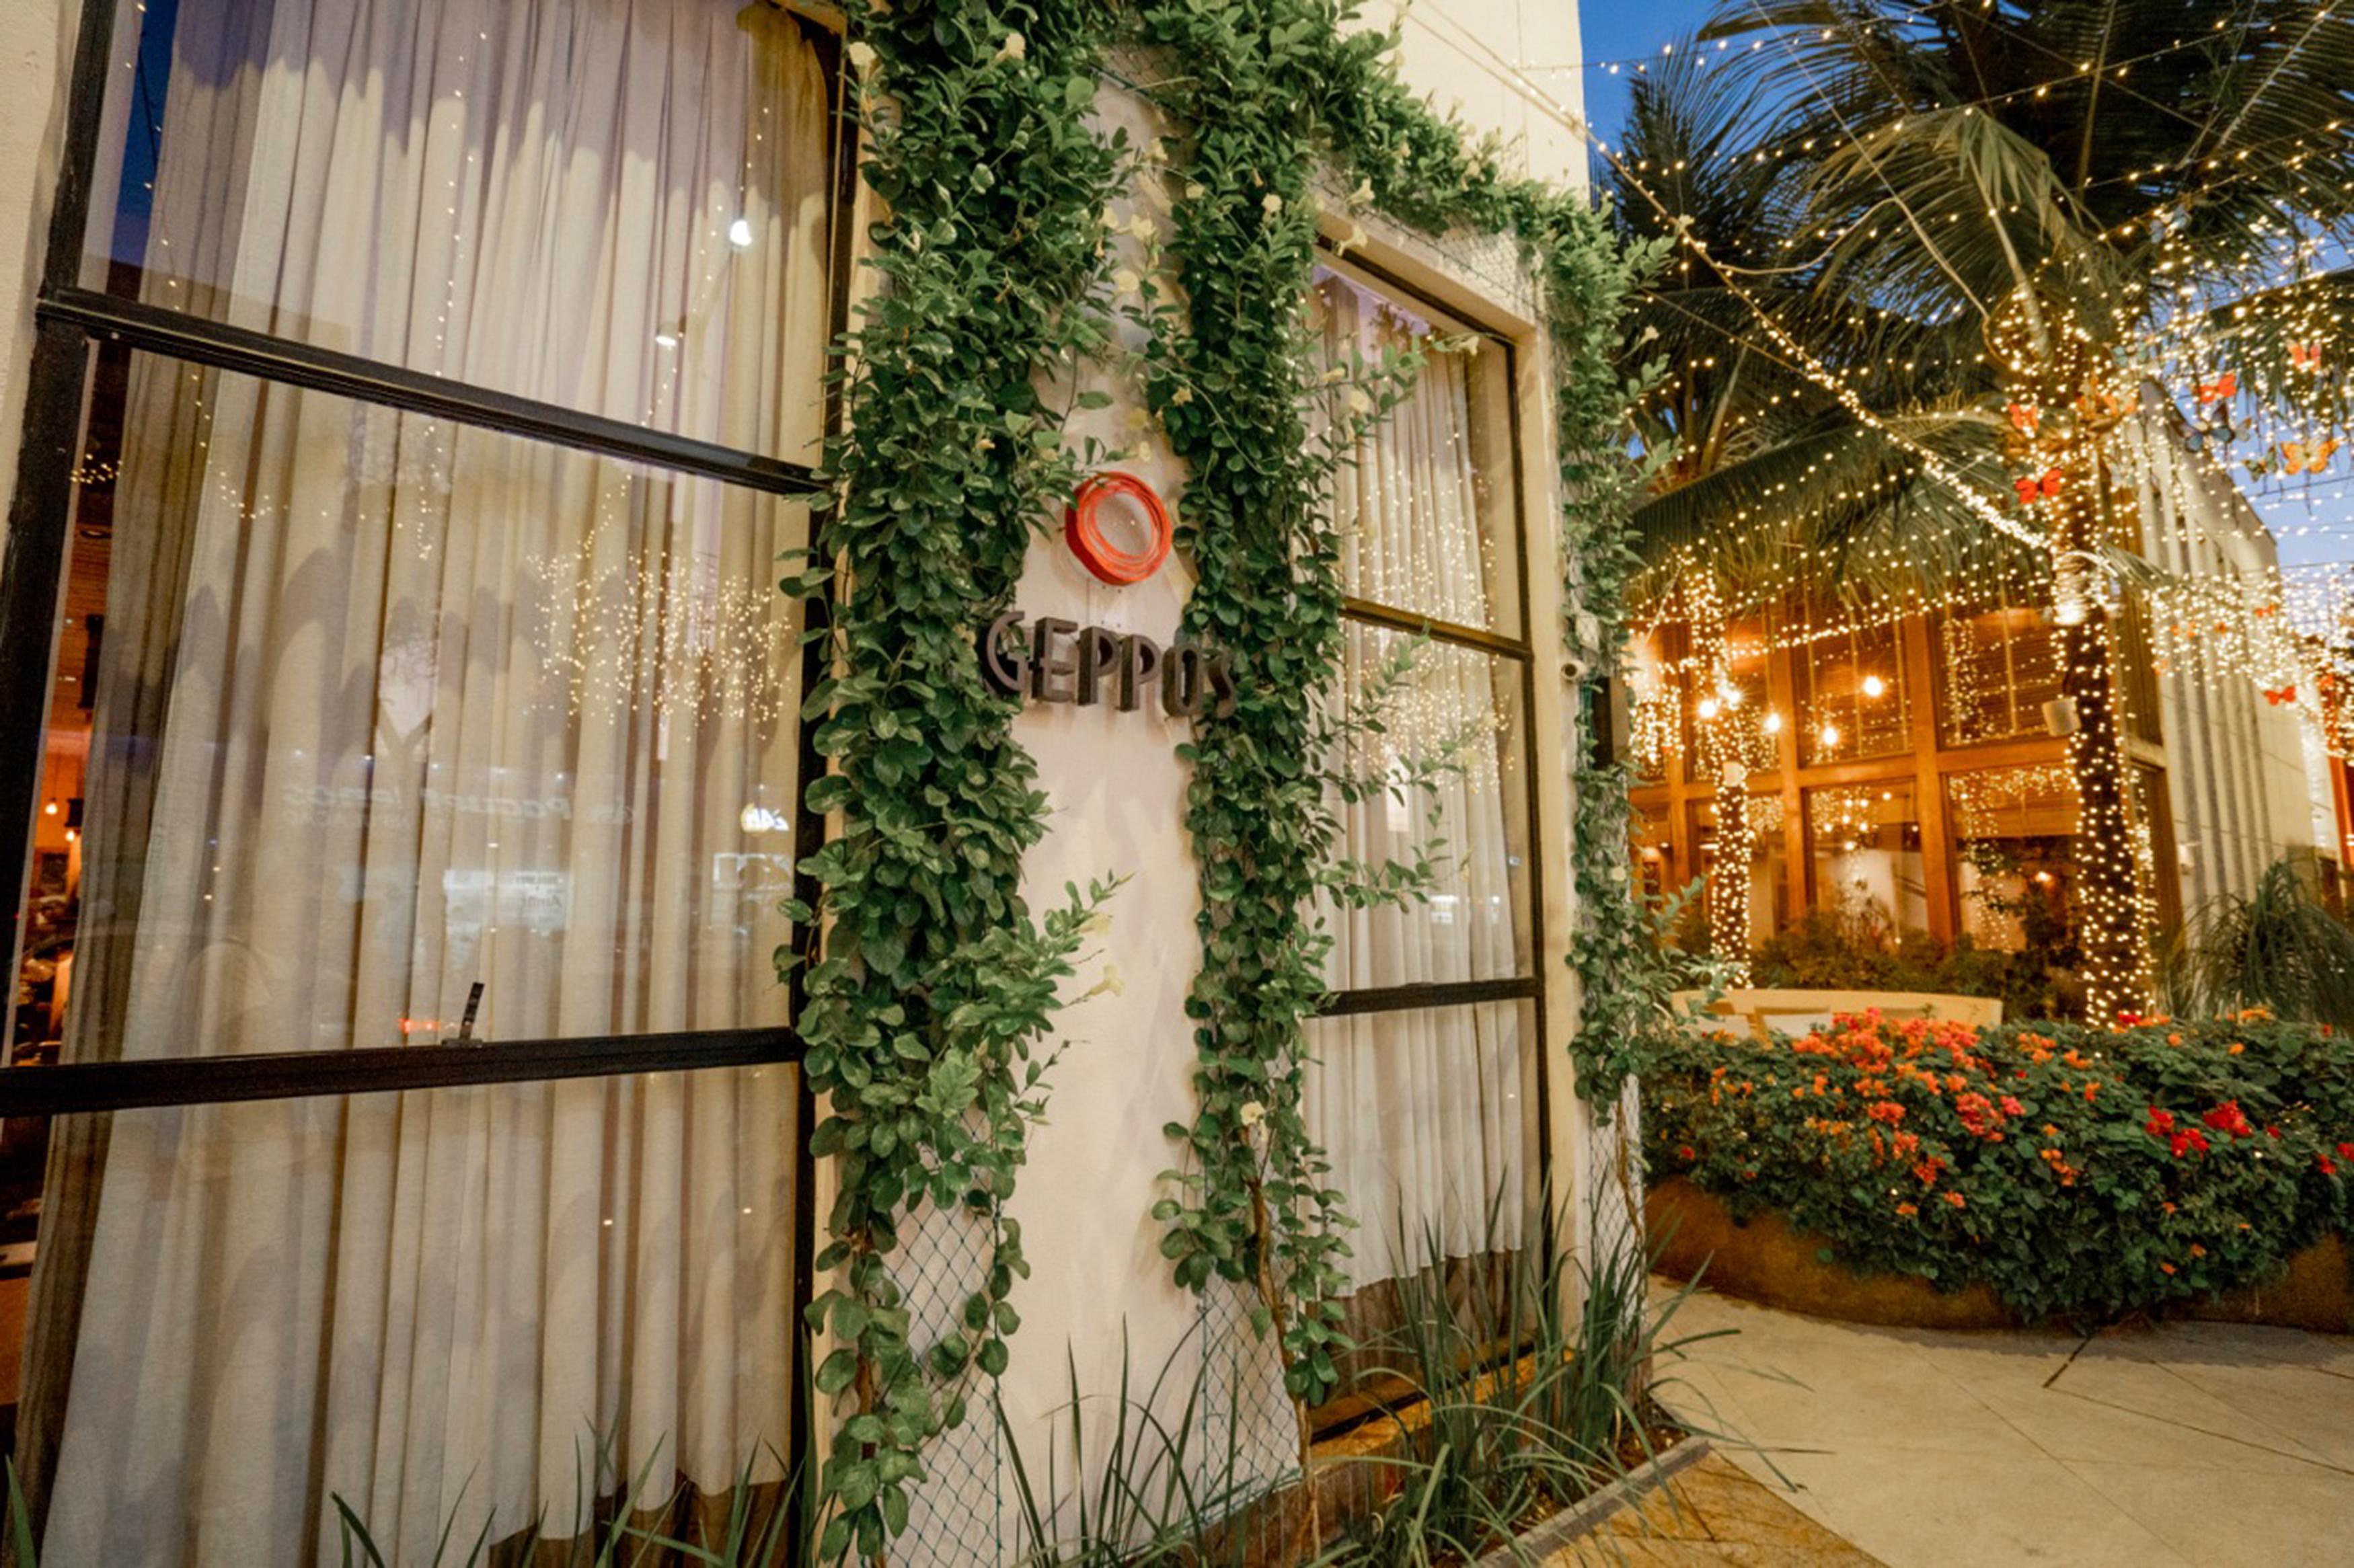 Grupo Geppos divulga novo funcionamento e programação especial em seus restaurantes